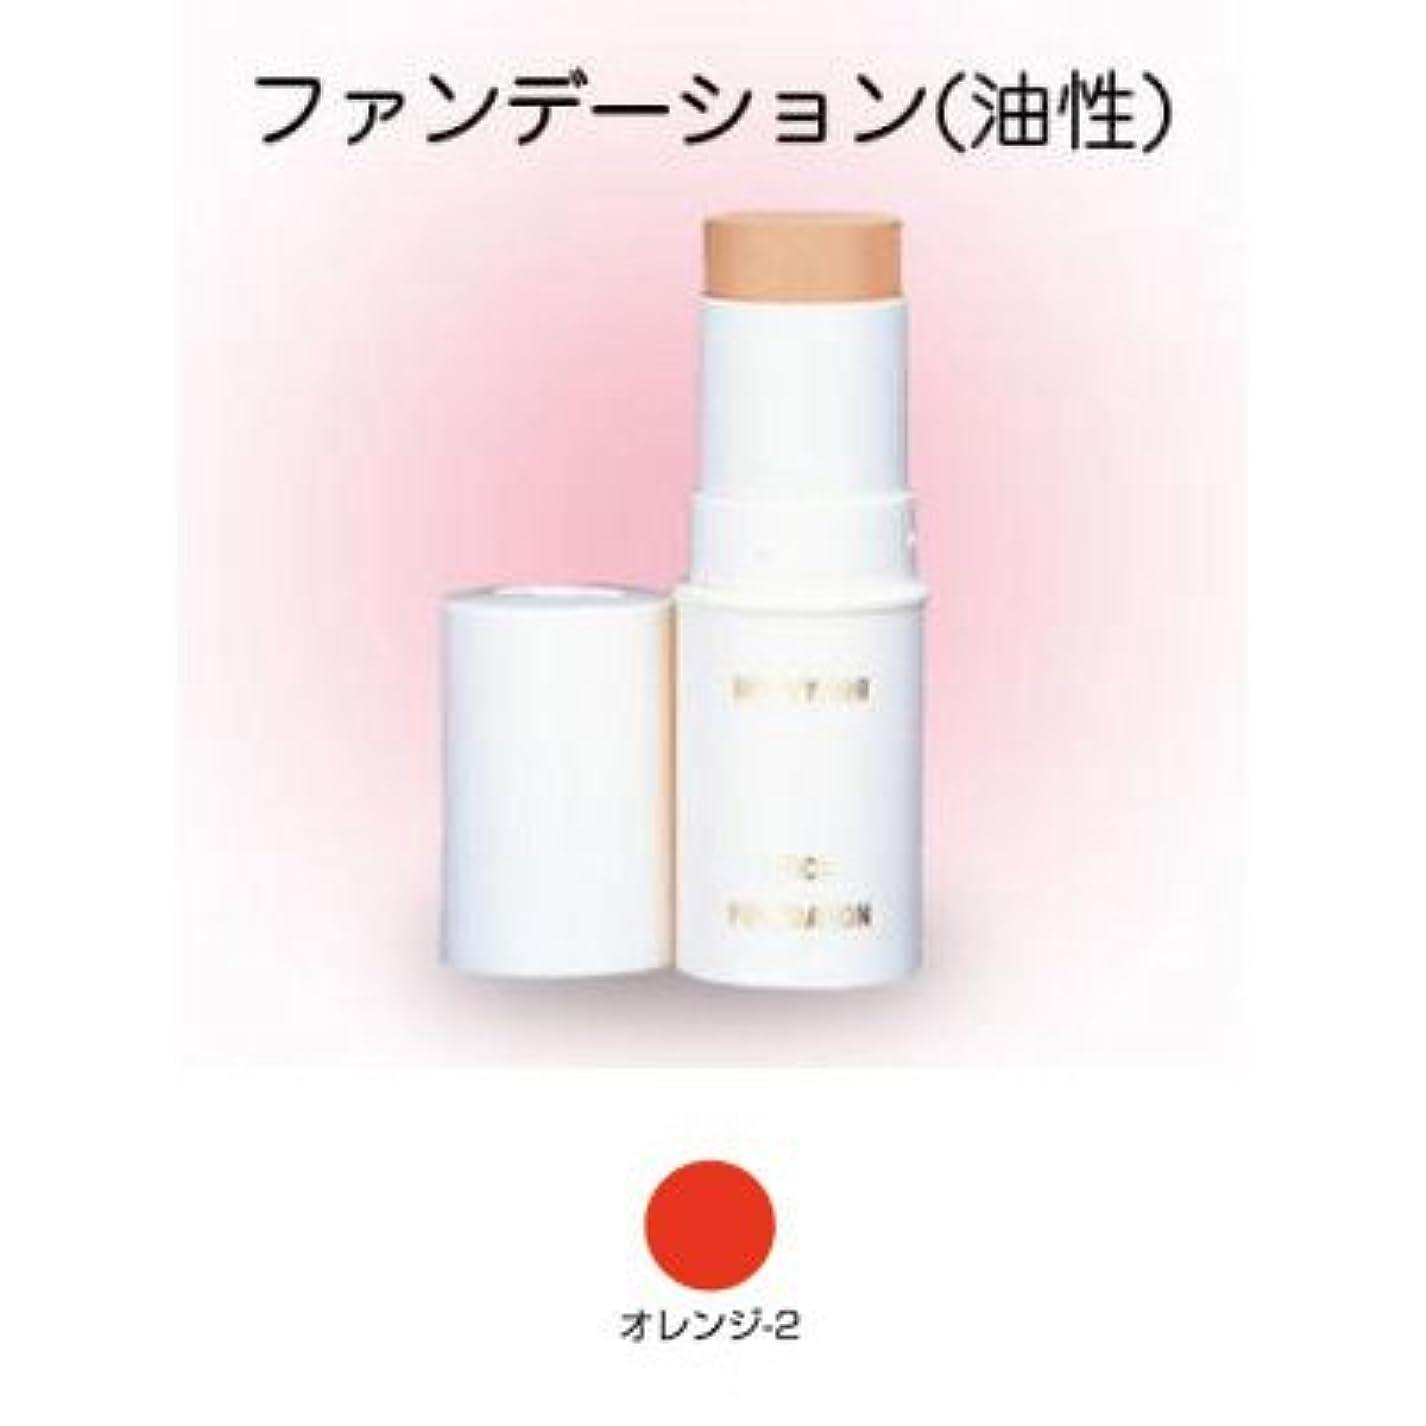 ノイズくびれた懲戒スティックファンデーション 16g オレンジ-2 【三善】